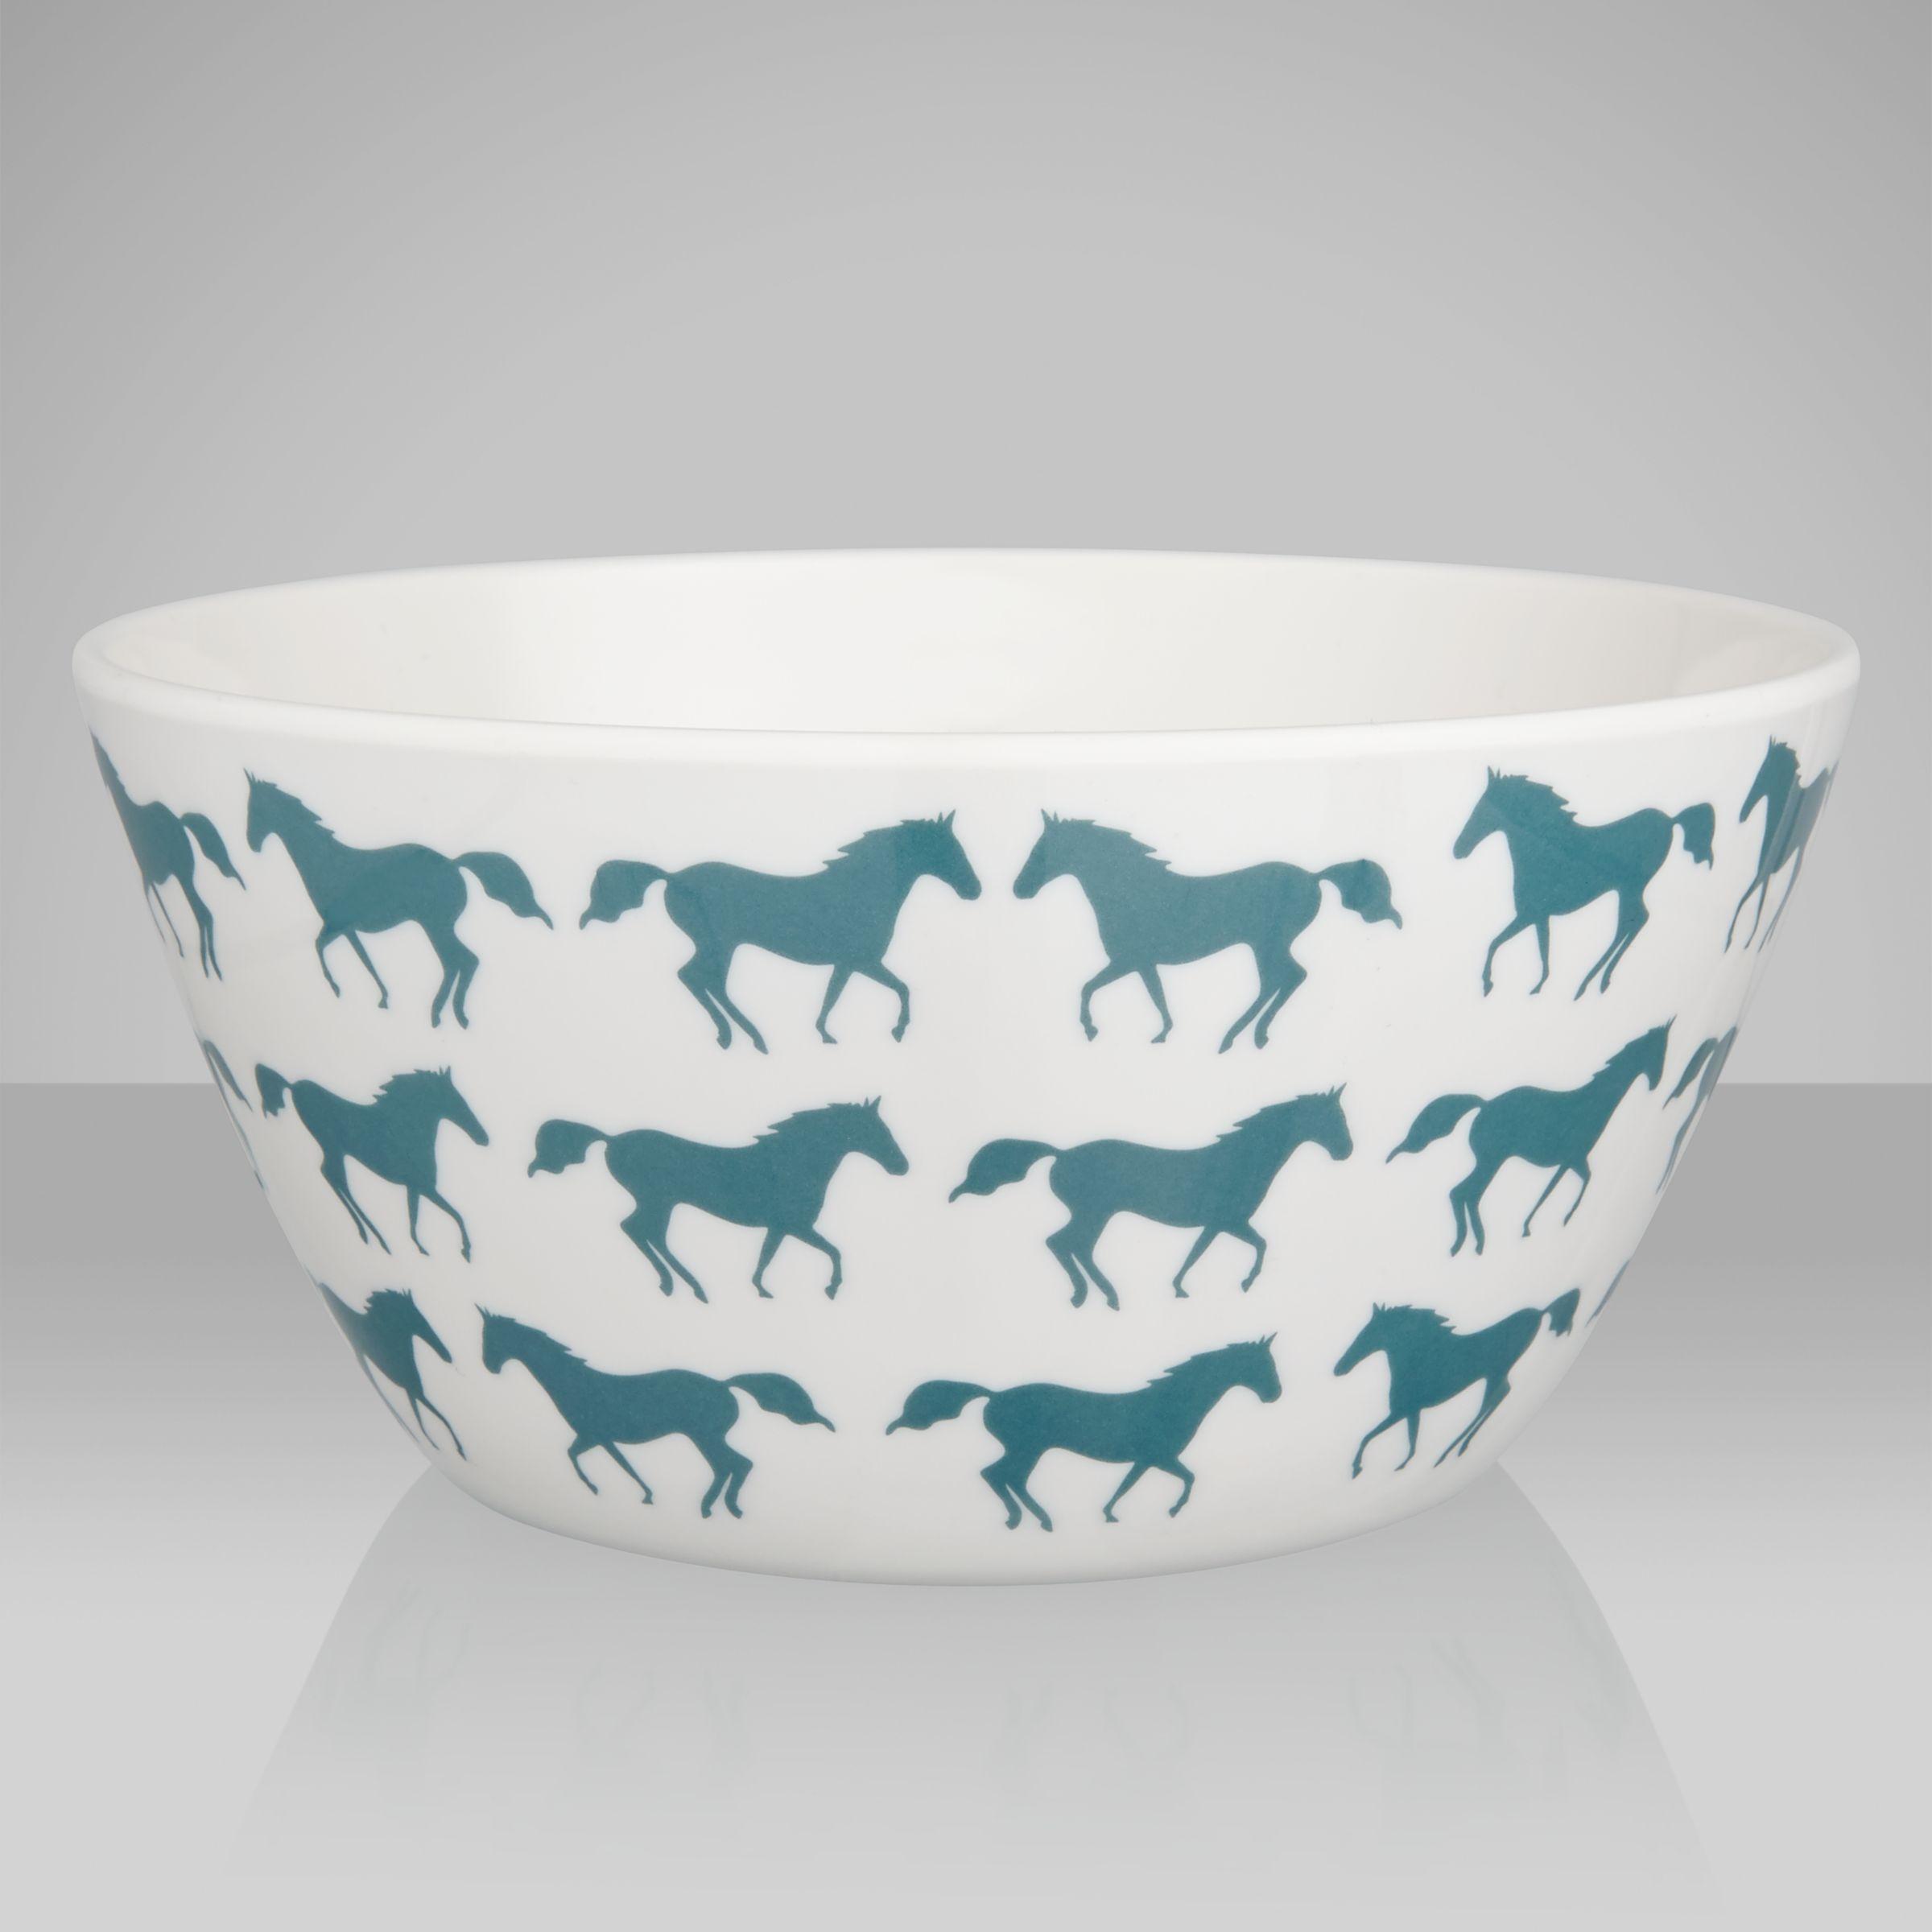 Anorak Kissing Horses Bowl